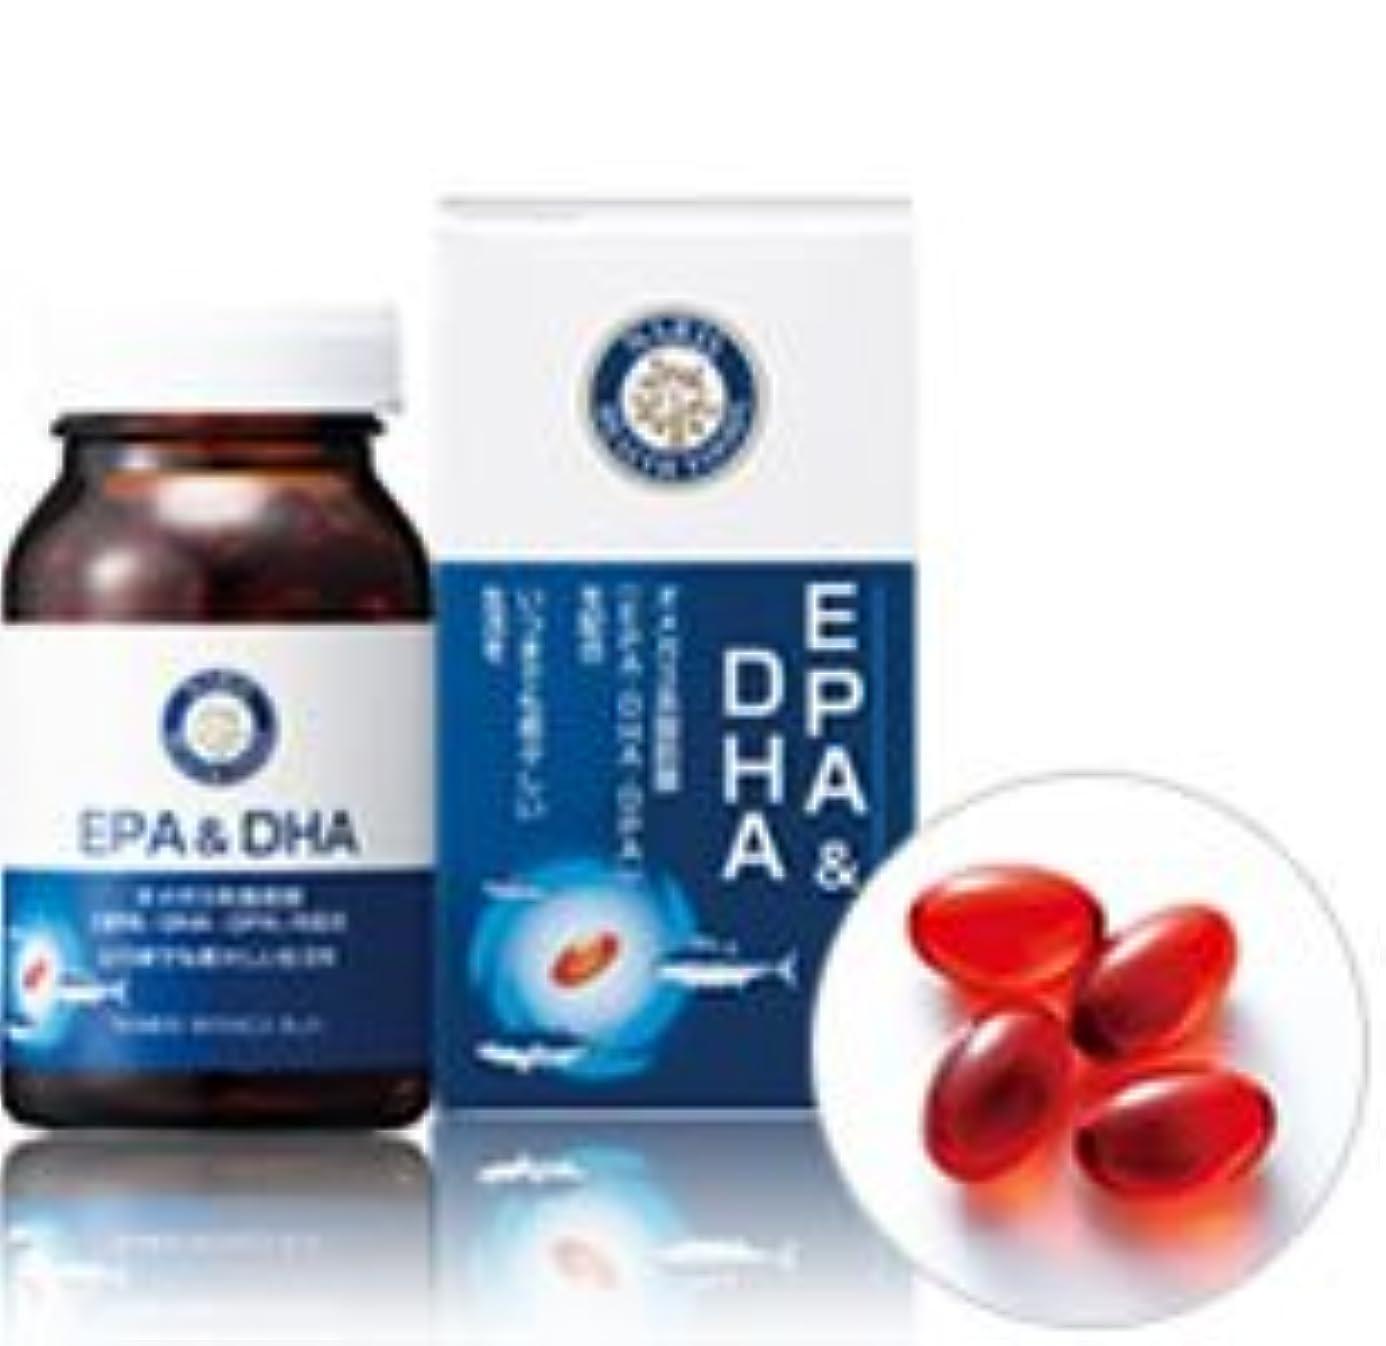 退却親回復ナリス EPA&DHA(120粒)